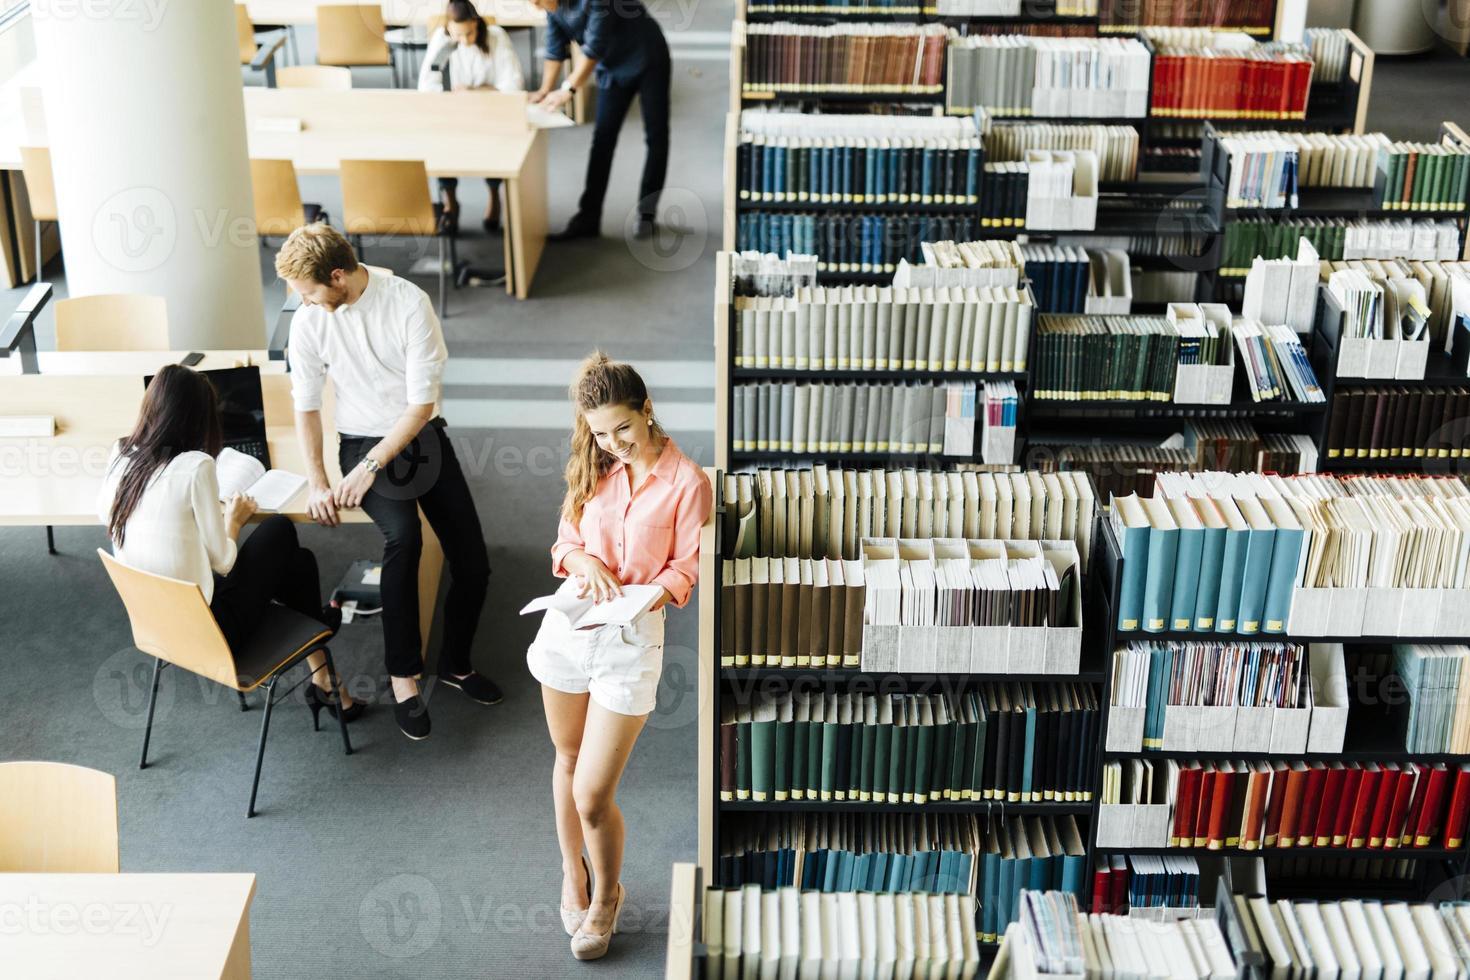 Gruppe von Studenten, die in einer Bibliothek studieren foto